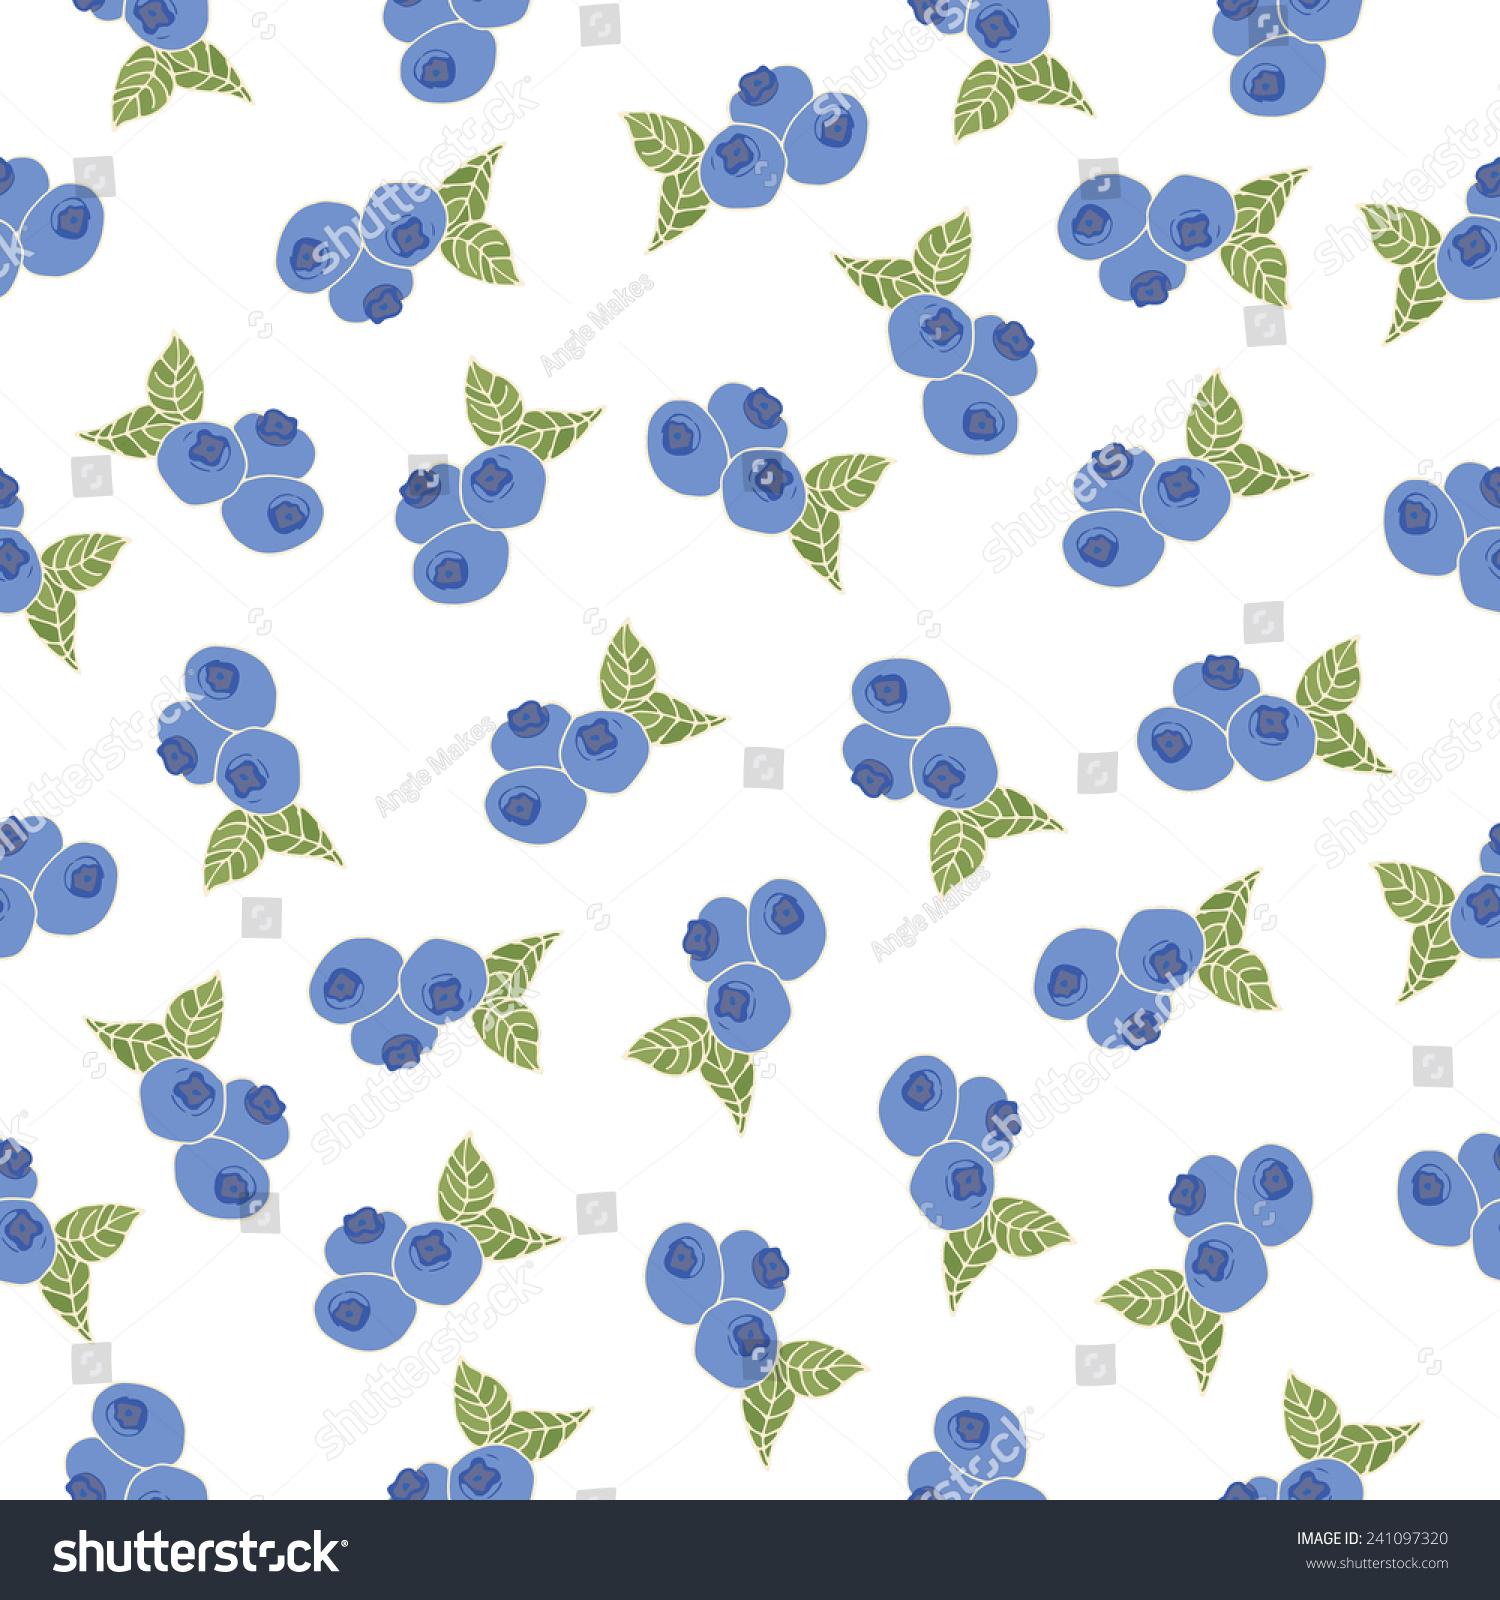 可爱的蓝莓重复背景矢量.蓝莓矢量模式-背景/素材-()